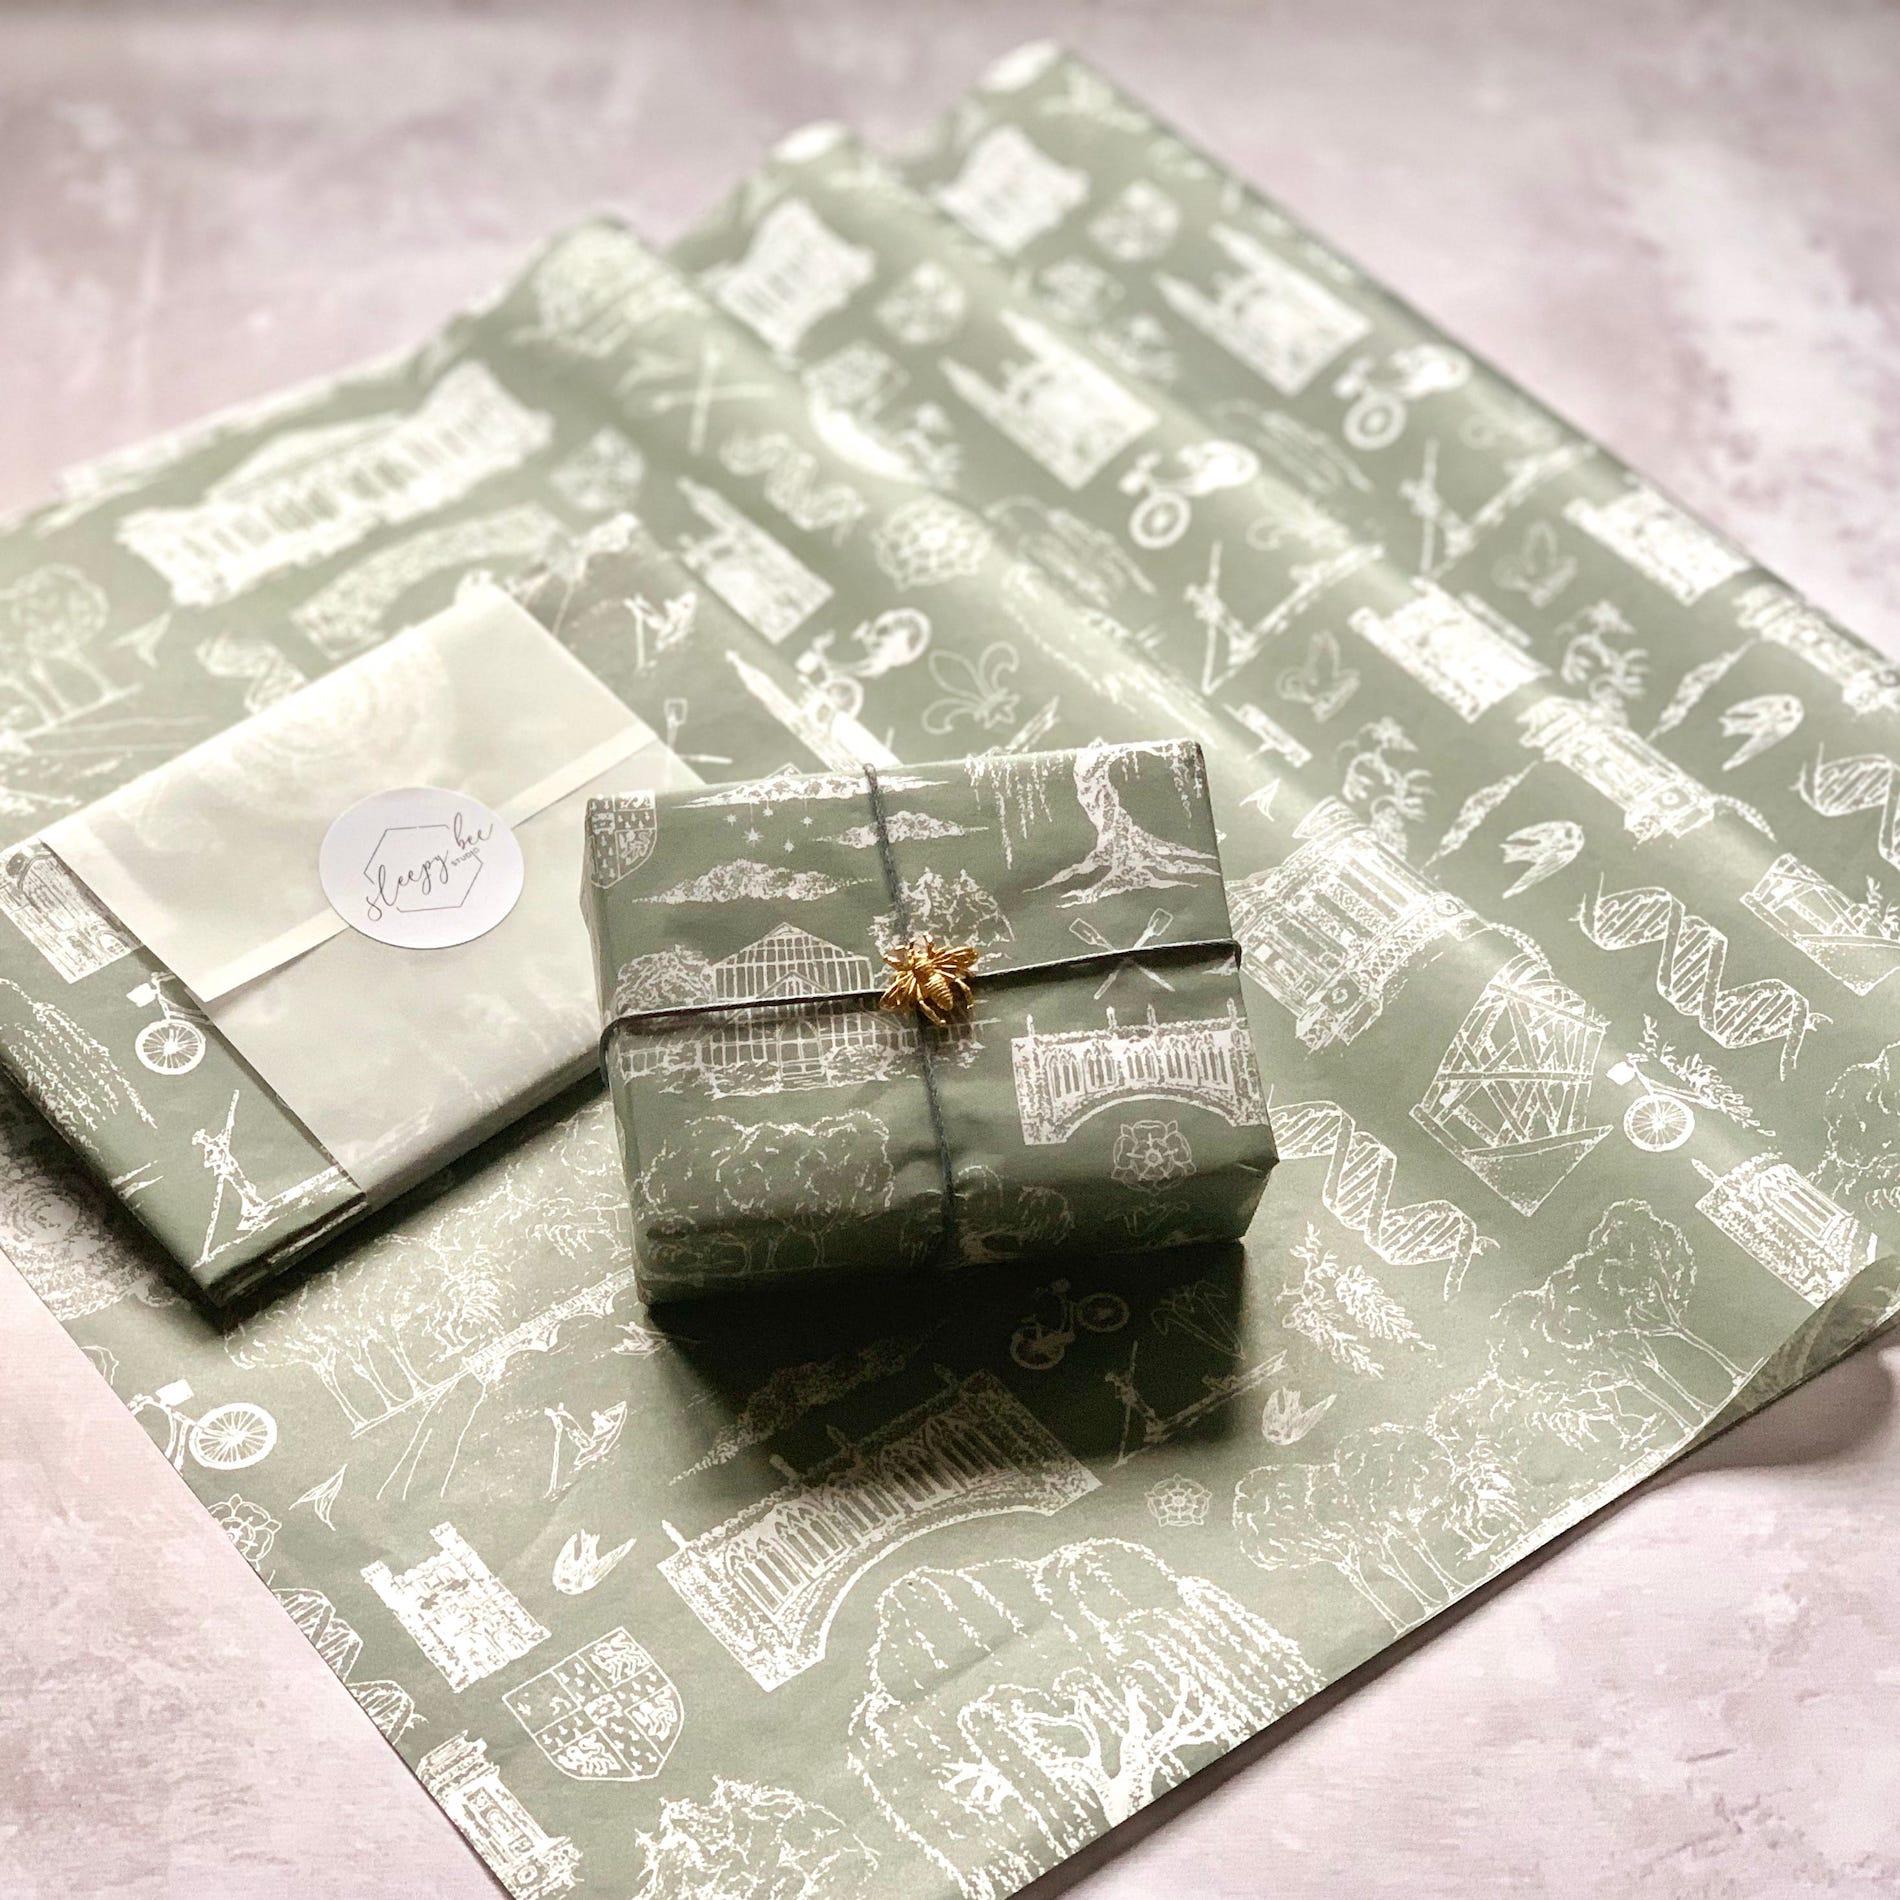 Sleepy Bee Studio Cambridge custom tissue paper design